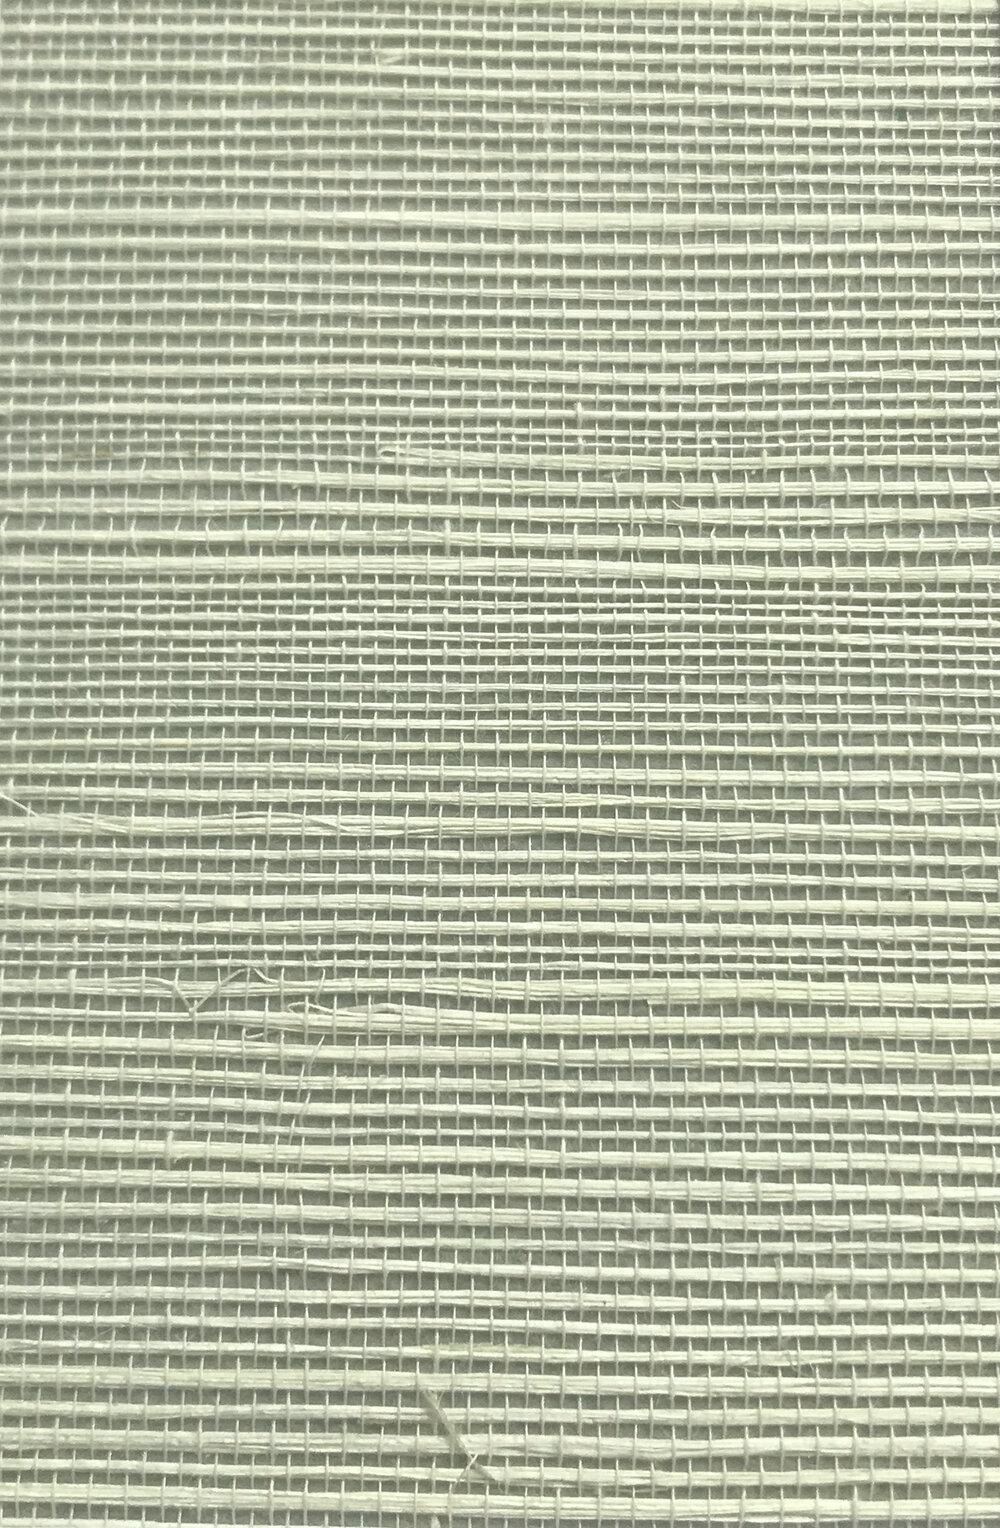 Kanoko Grasscloth Wallpaper - Eau De Nil - by Osborne & Little